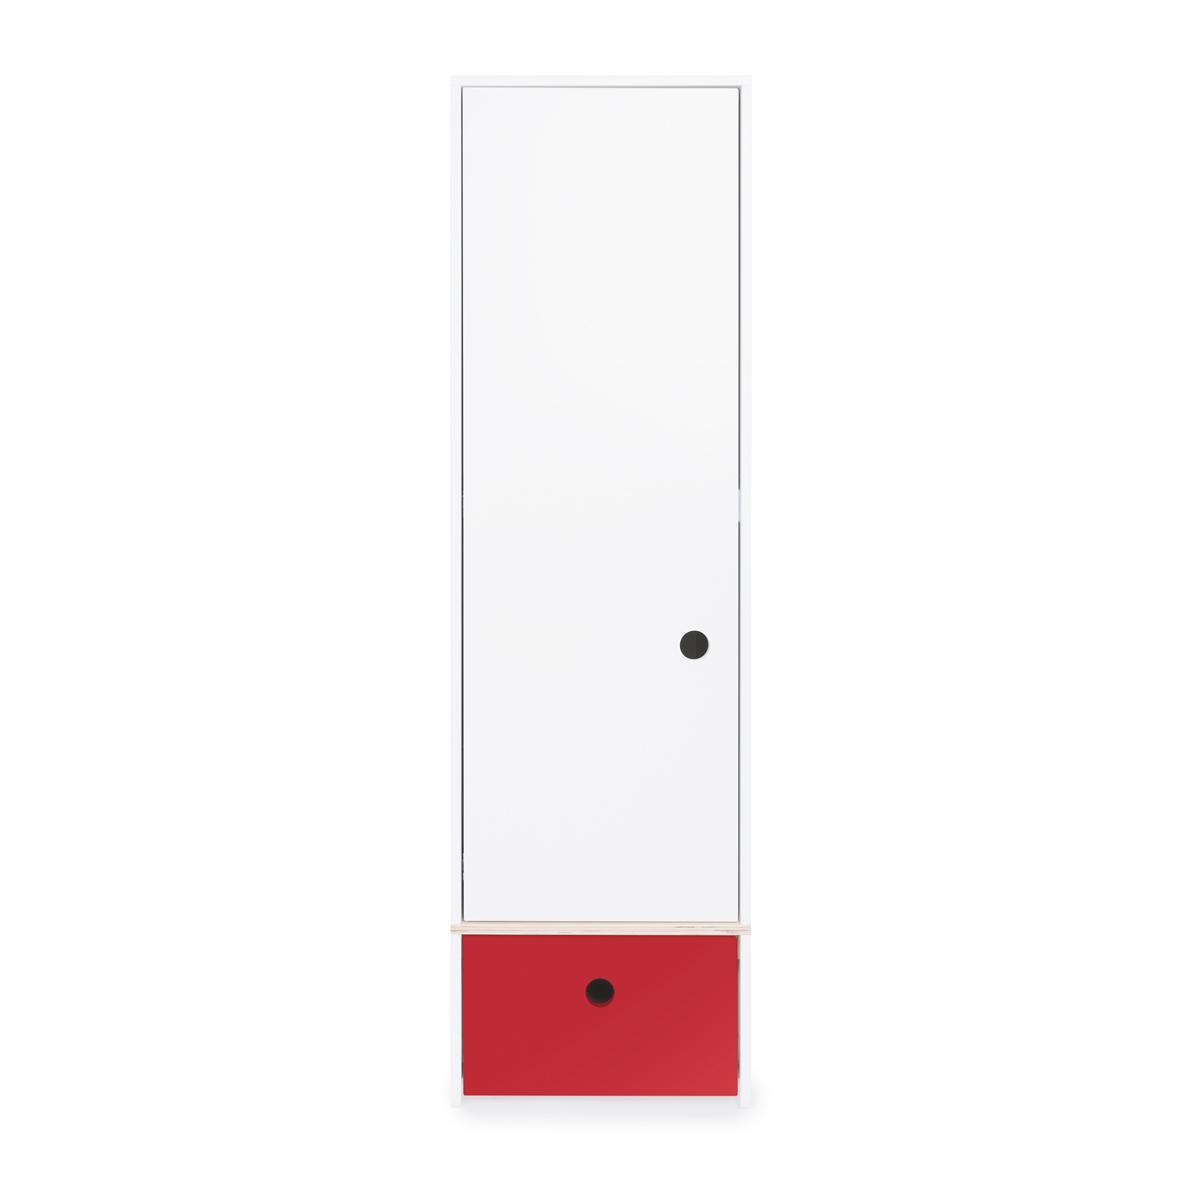 Kleiderschrank 1-türig COLORFLEX Schublade true red